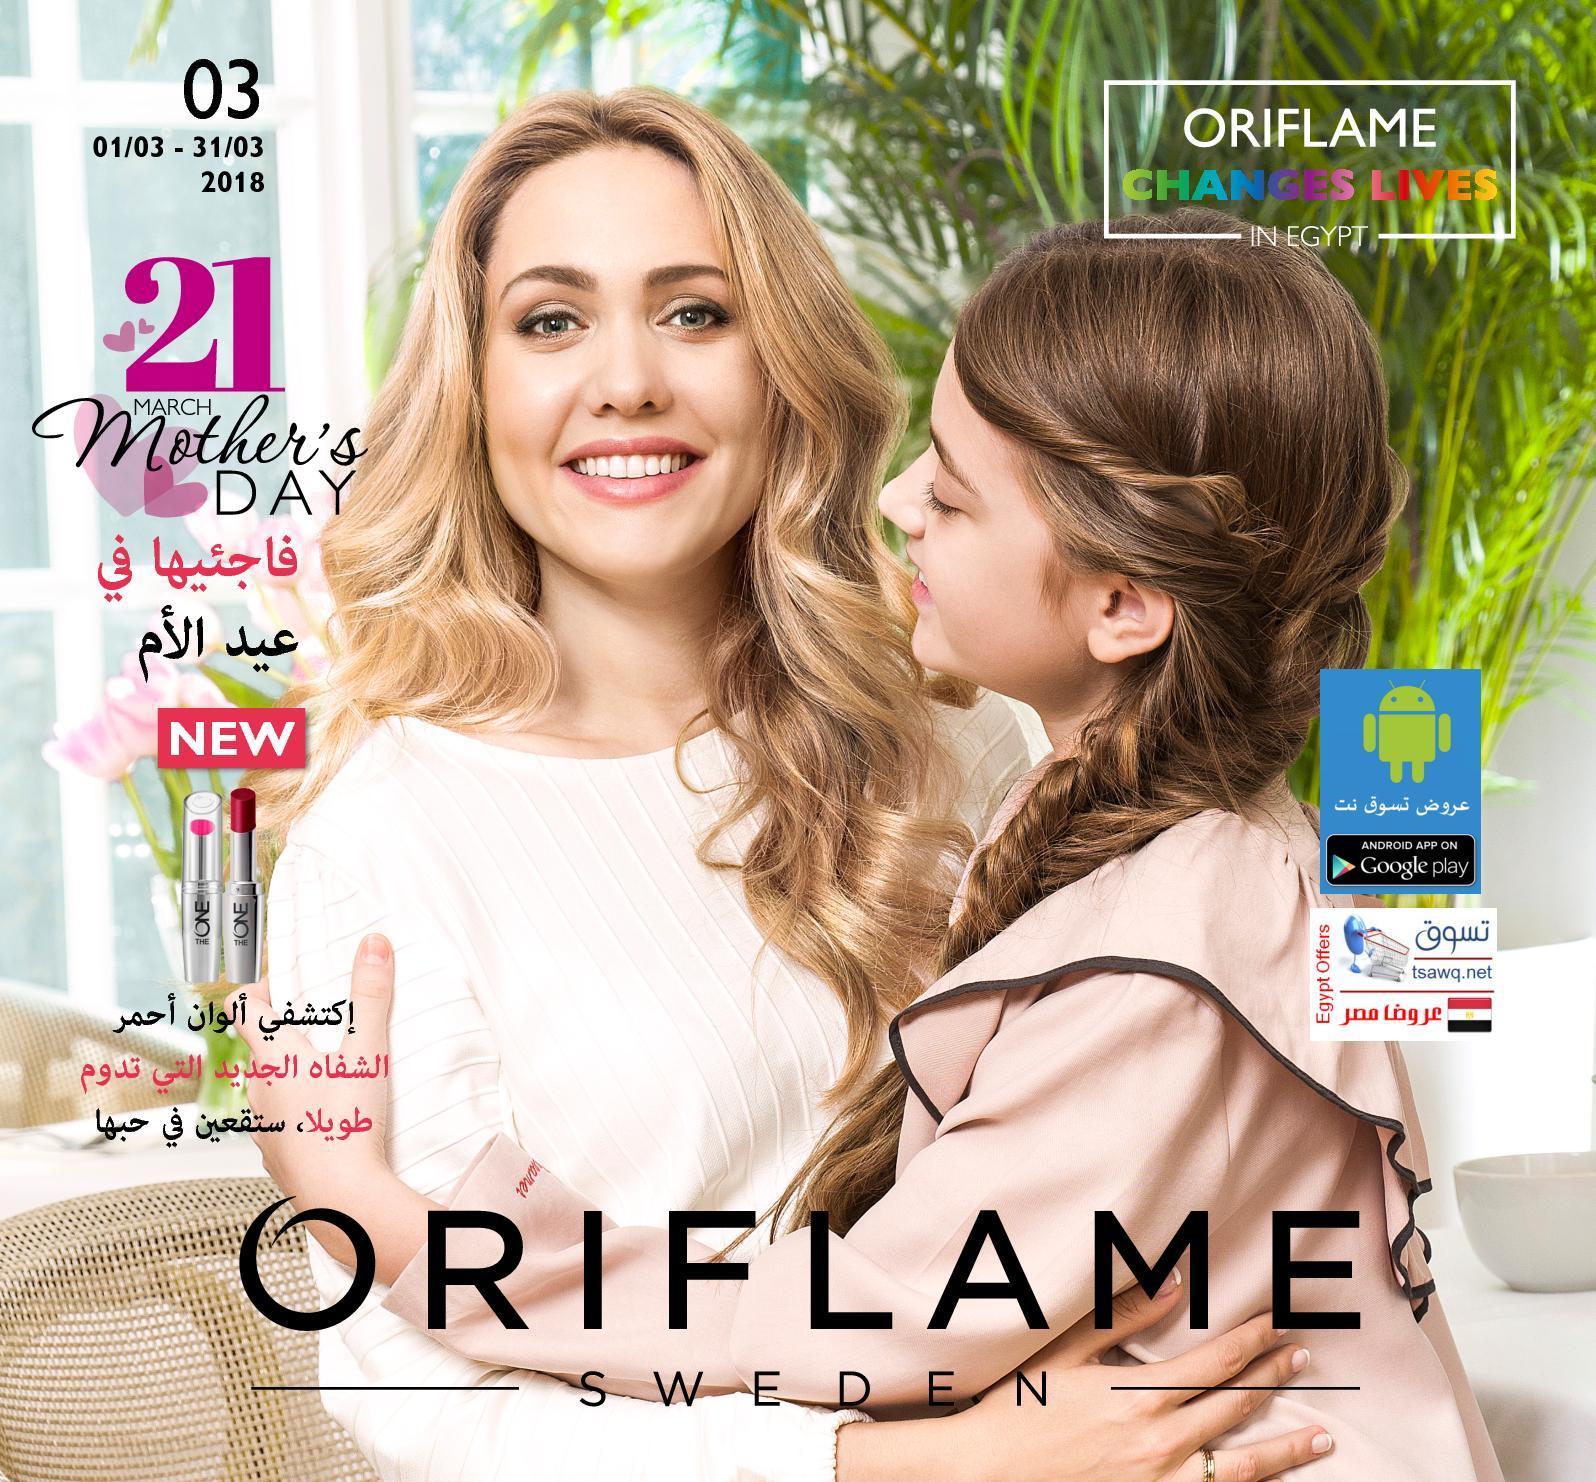 7046be7dc Calaméo - Tsawq Net Eg Oriflame 01 03 2018